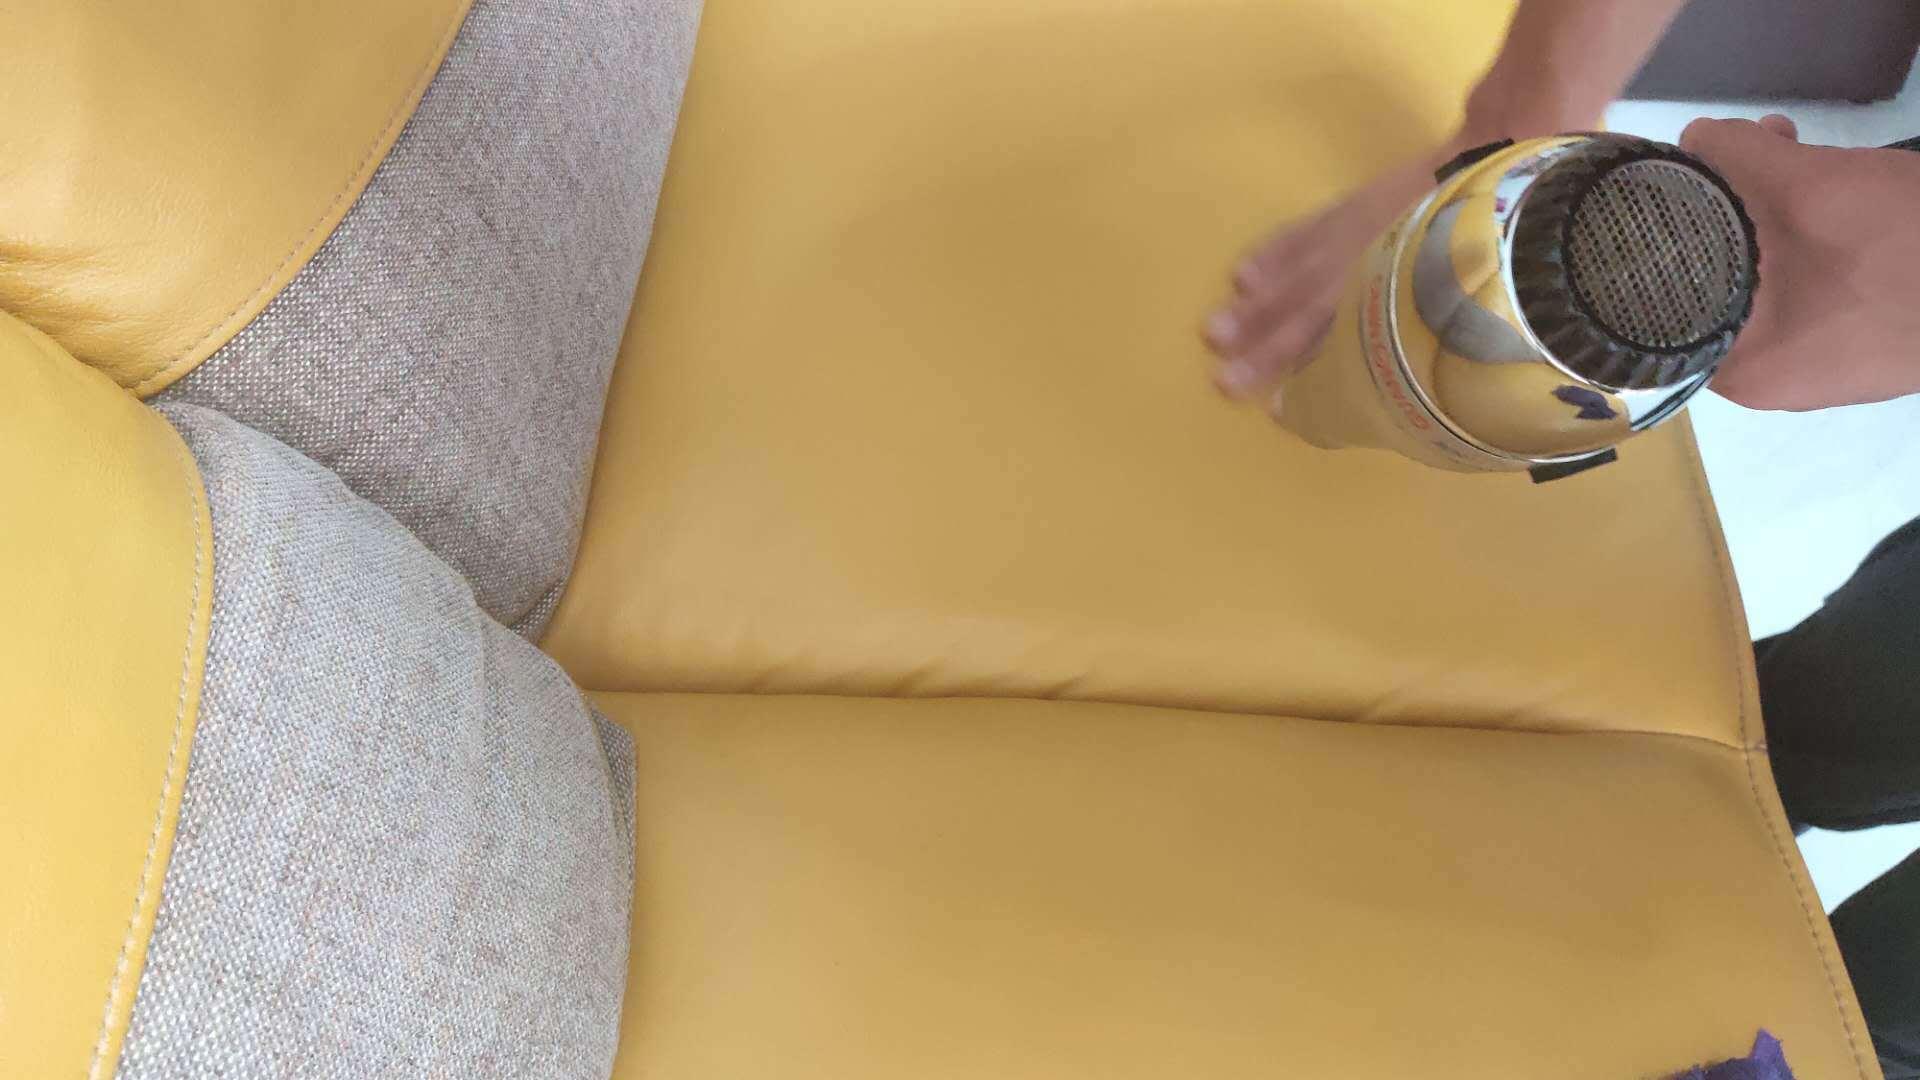 家具美容修复技术-真皮沙发破了洞修复的方法-家具美容网